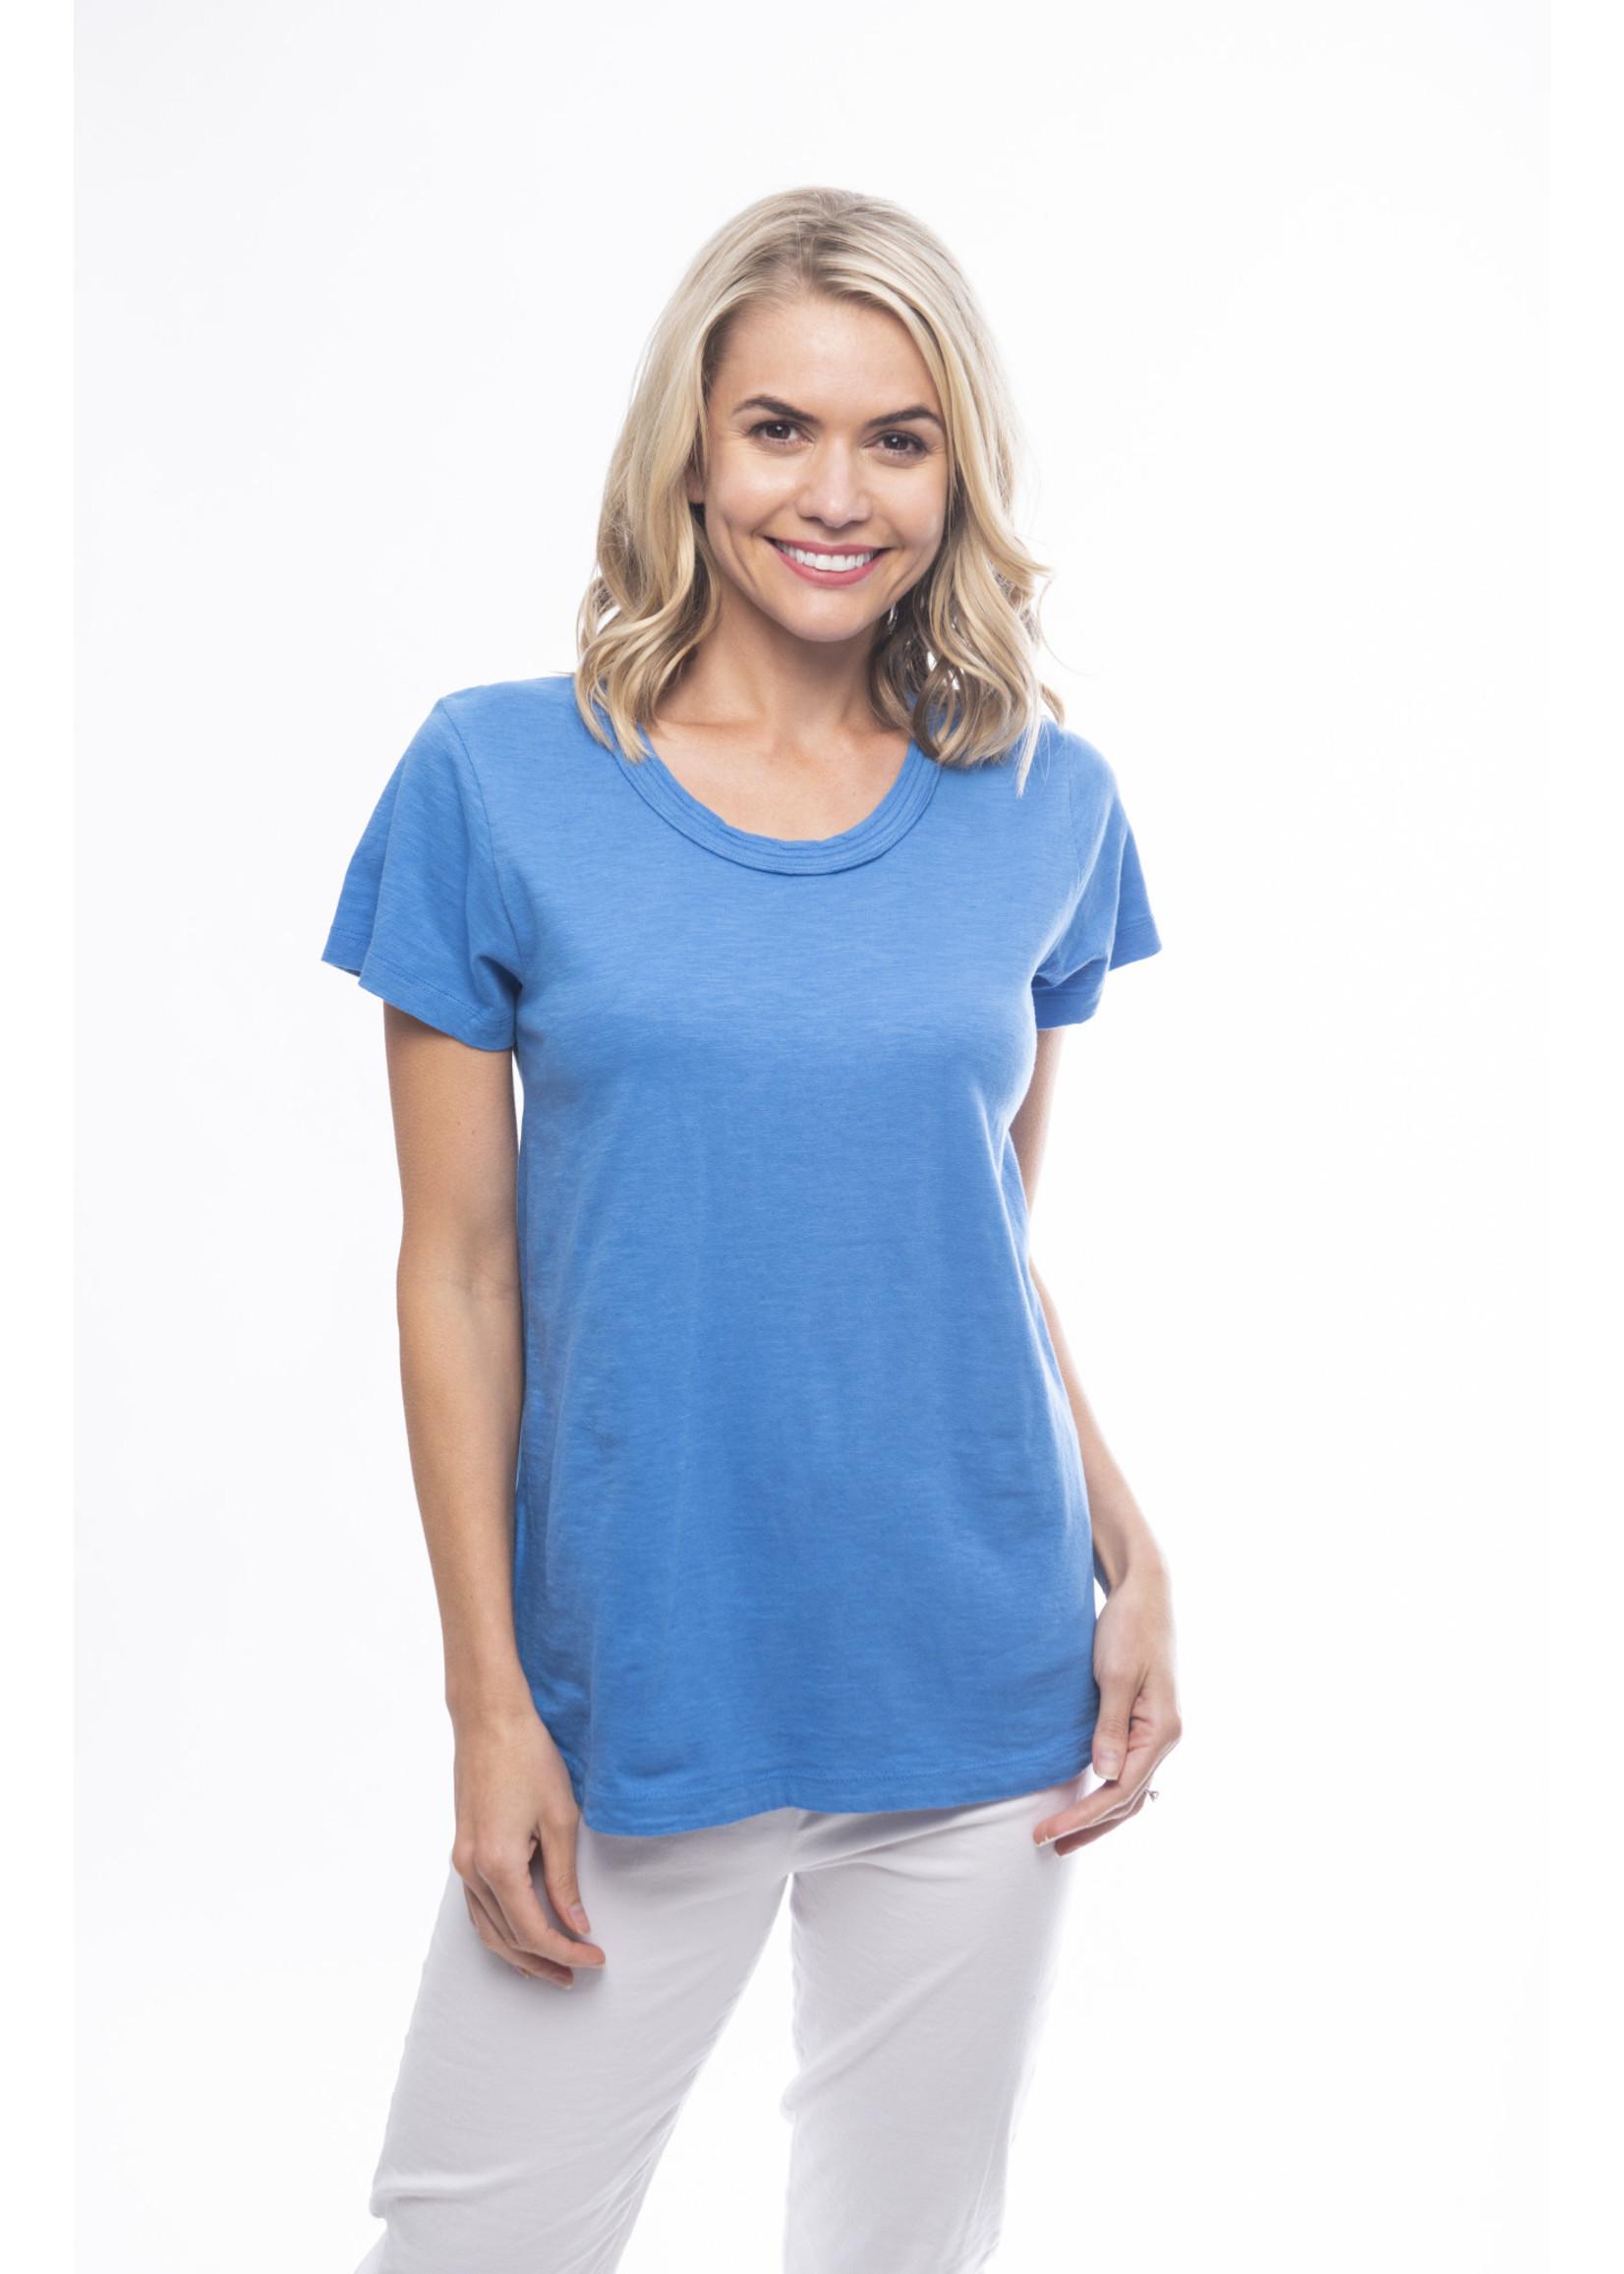 Orientique 100% Cotton Essential T *More Colors*